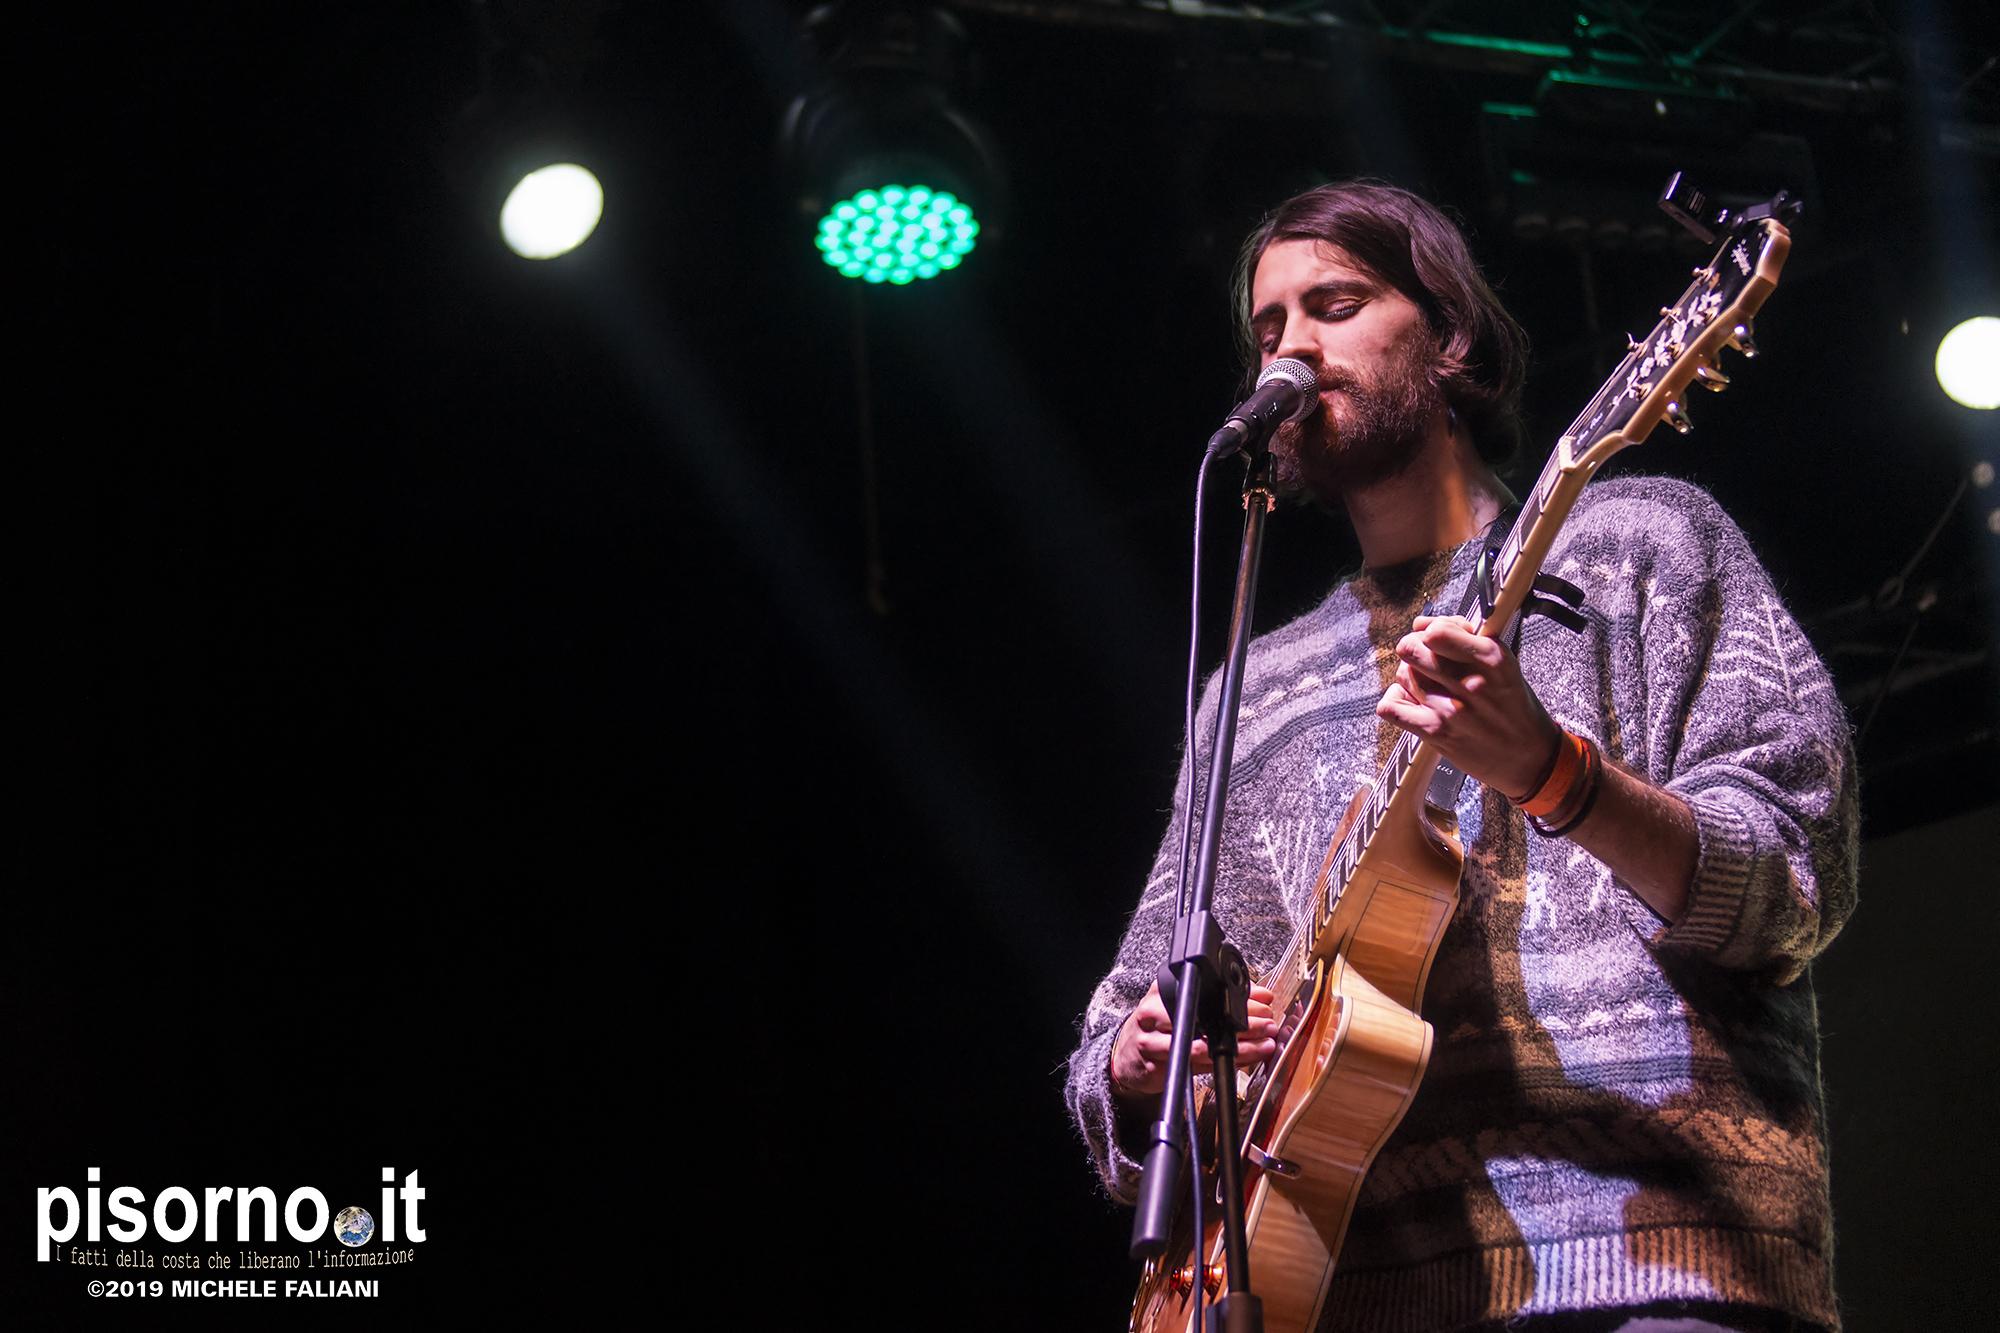 Alto live @ The Cage Theatre (Livorno, November 14th 2019)